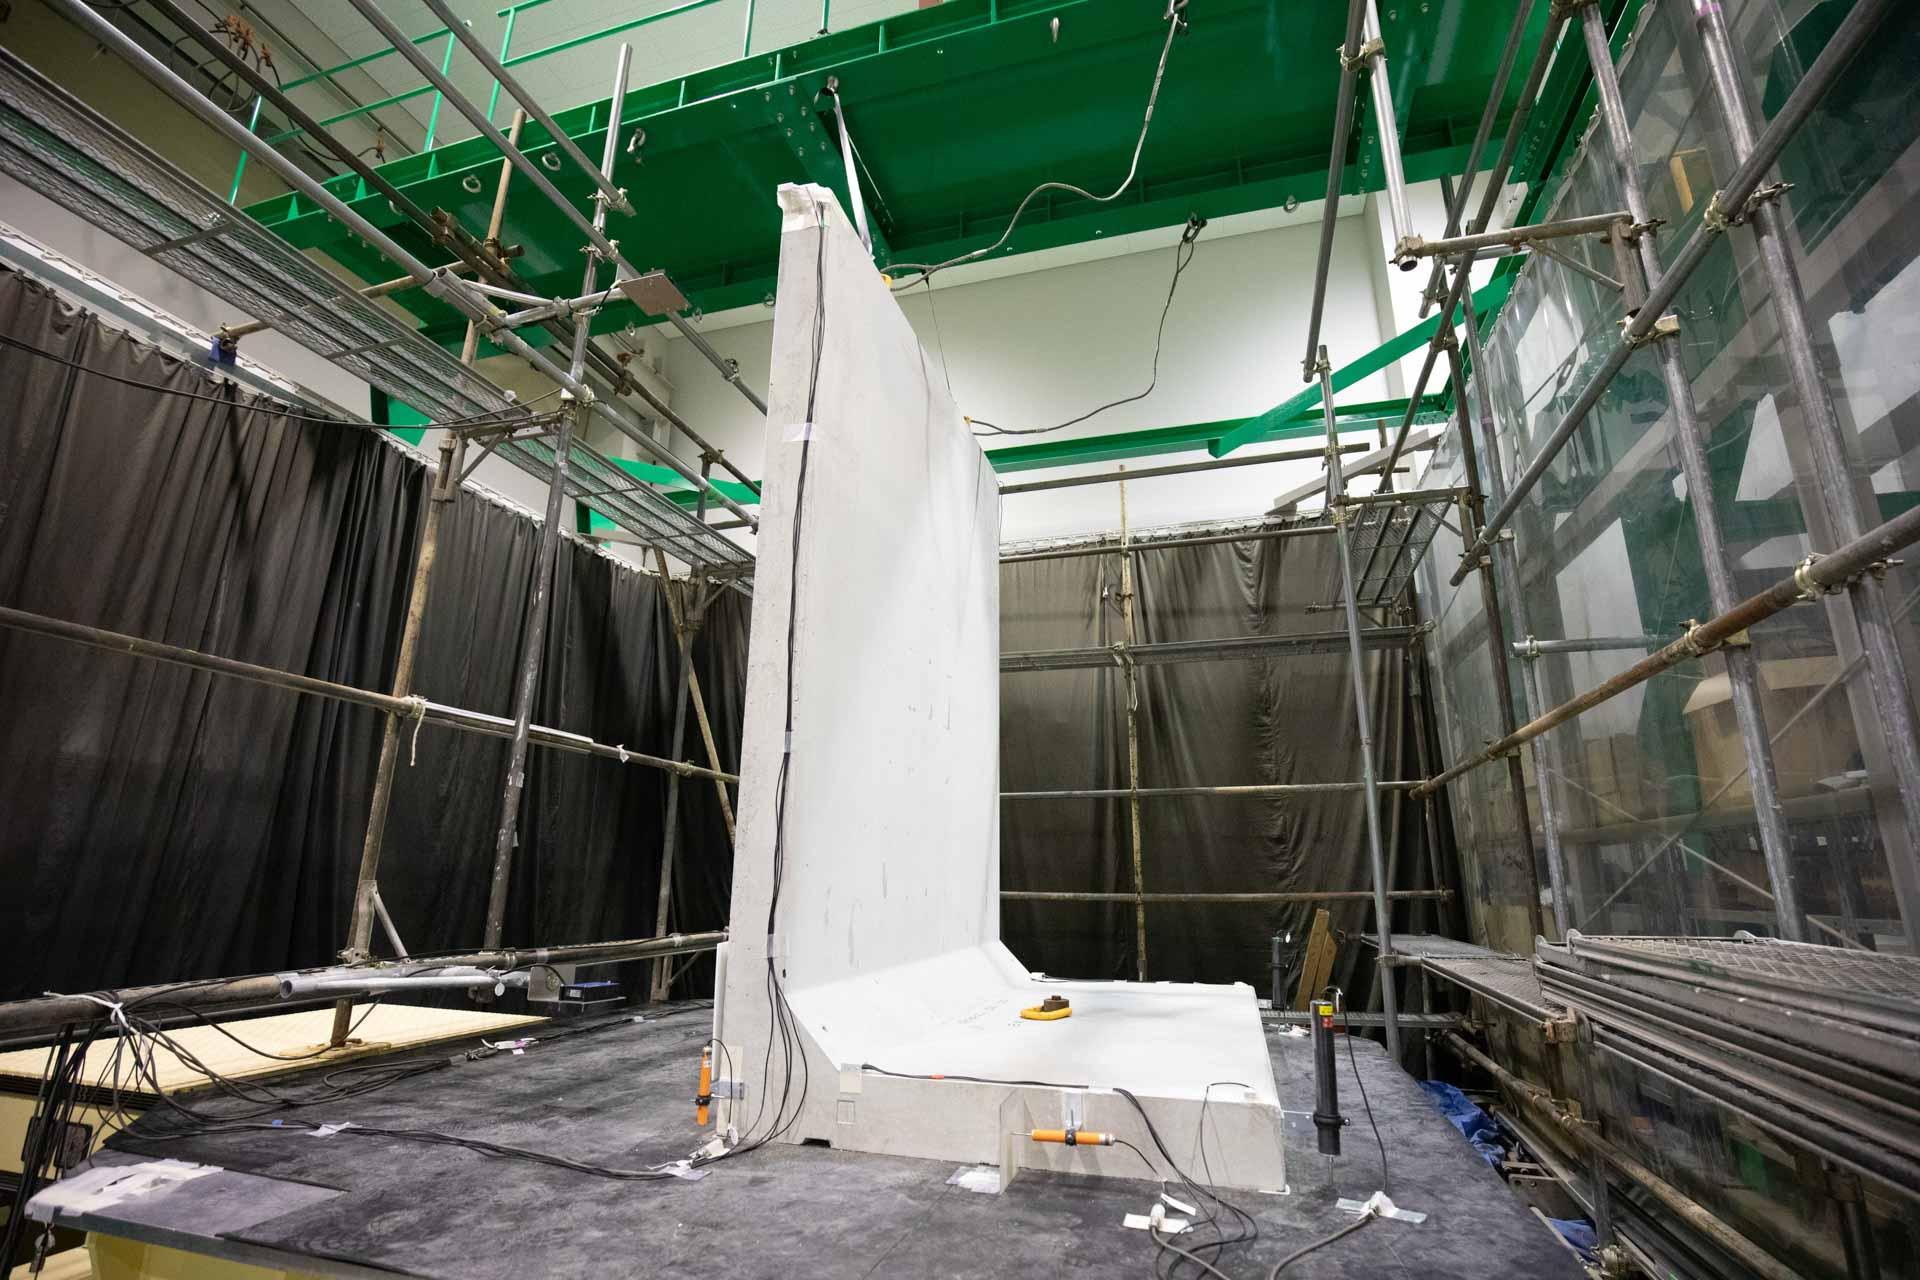 【日本初!】塀のねっこ耐震振動実験動画公開【金沢工業大学共同研究】